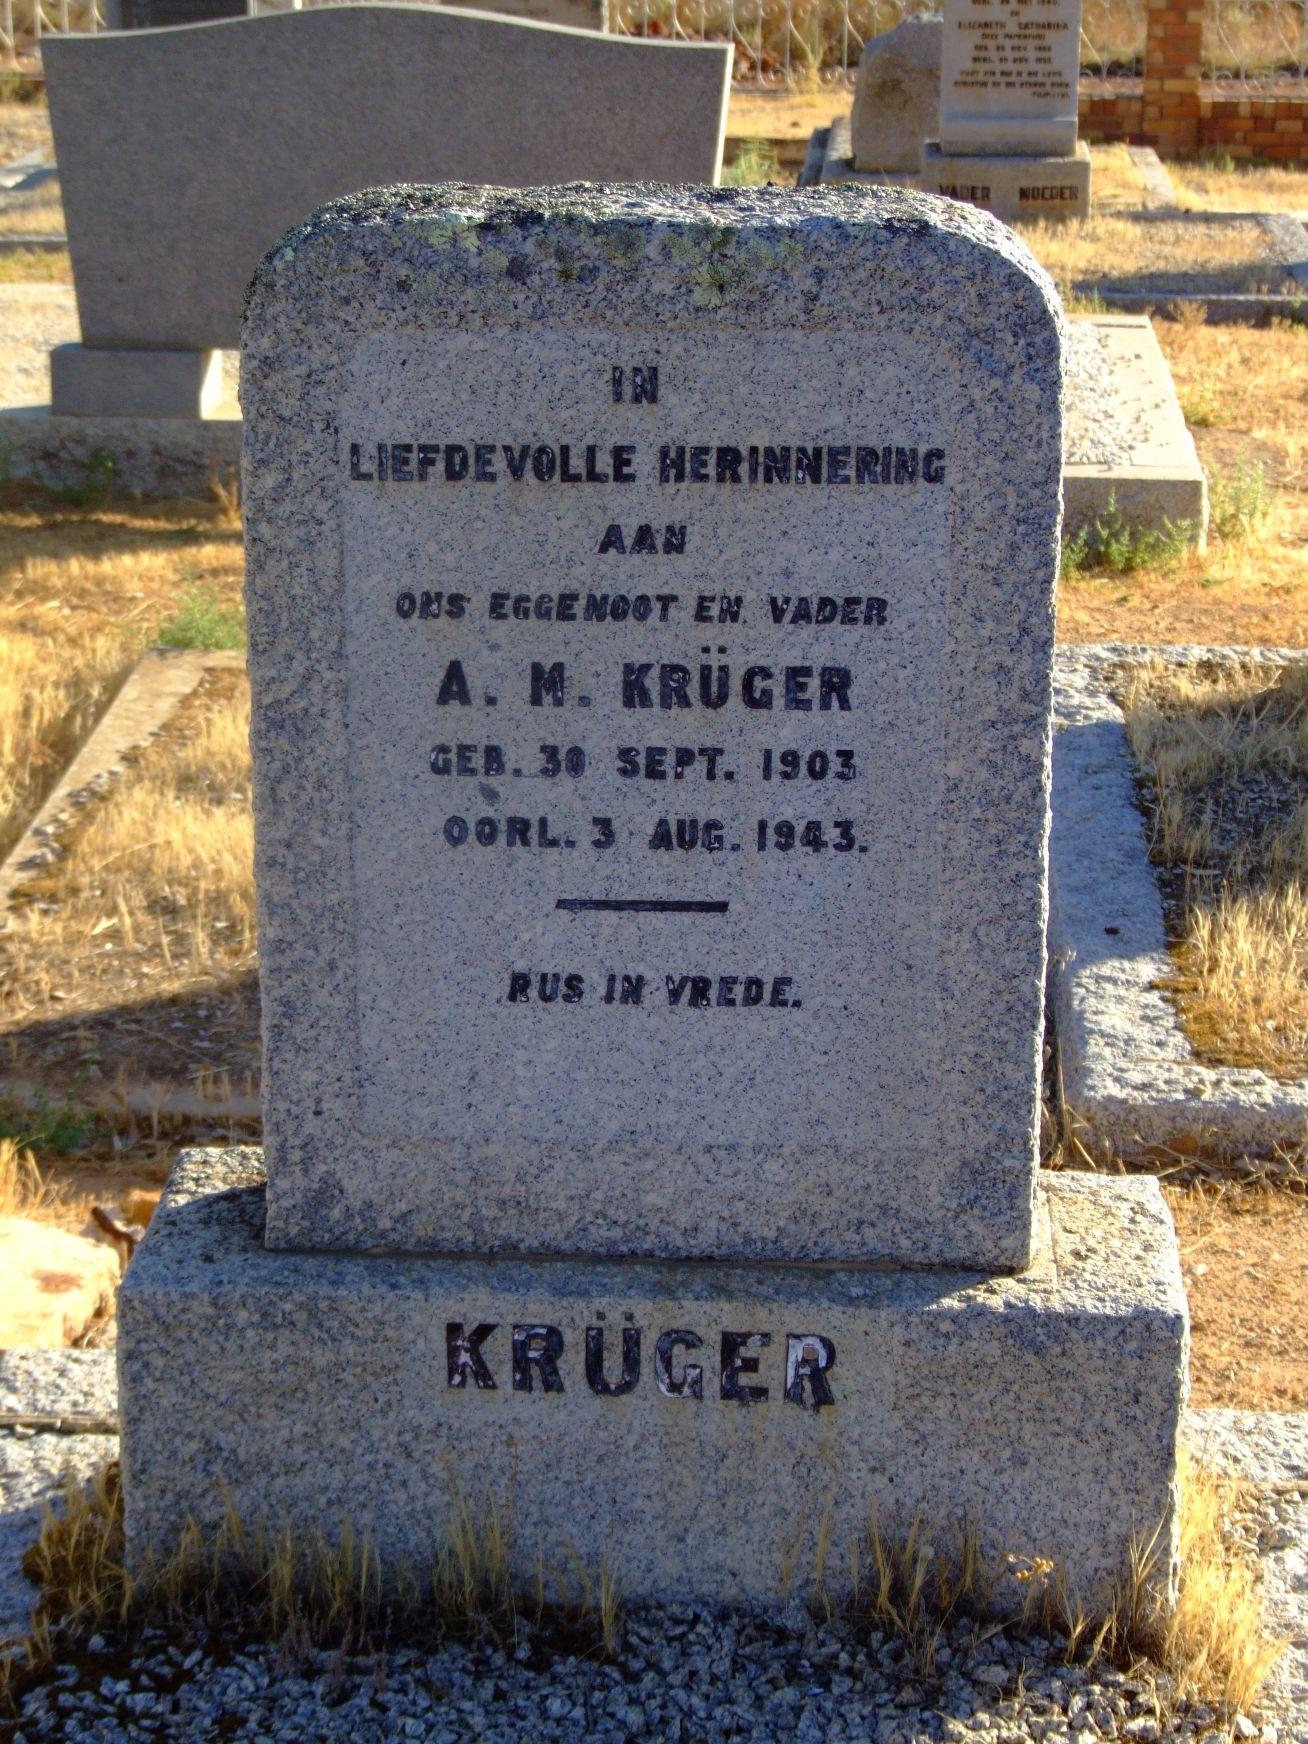 Kruger, A. M.